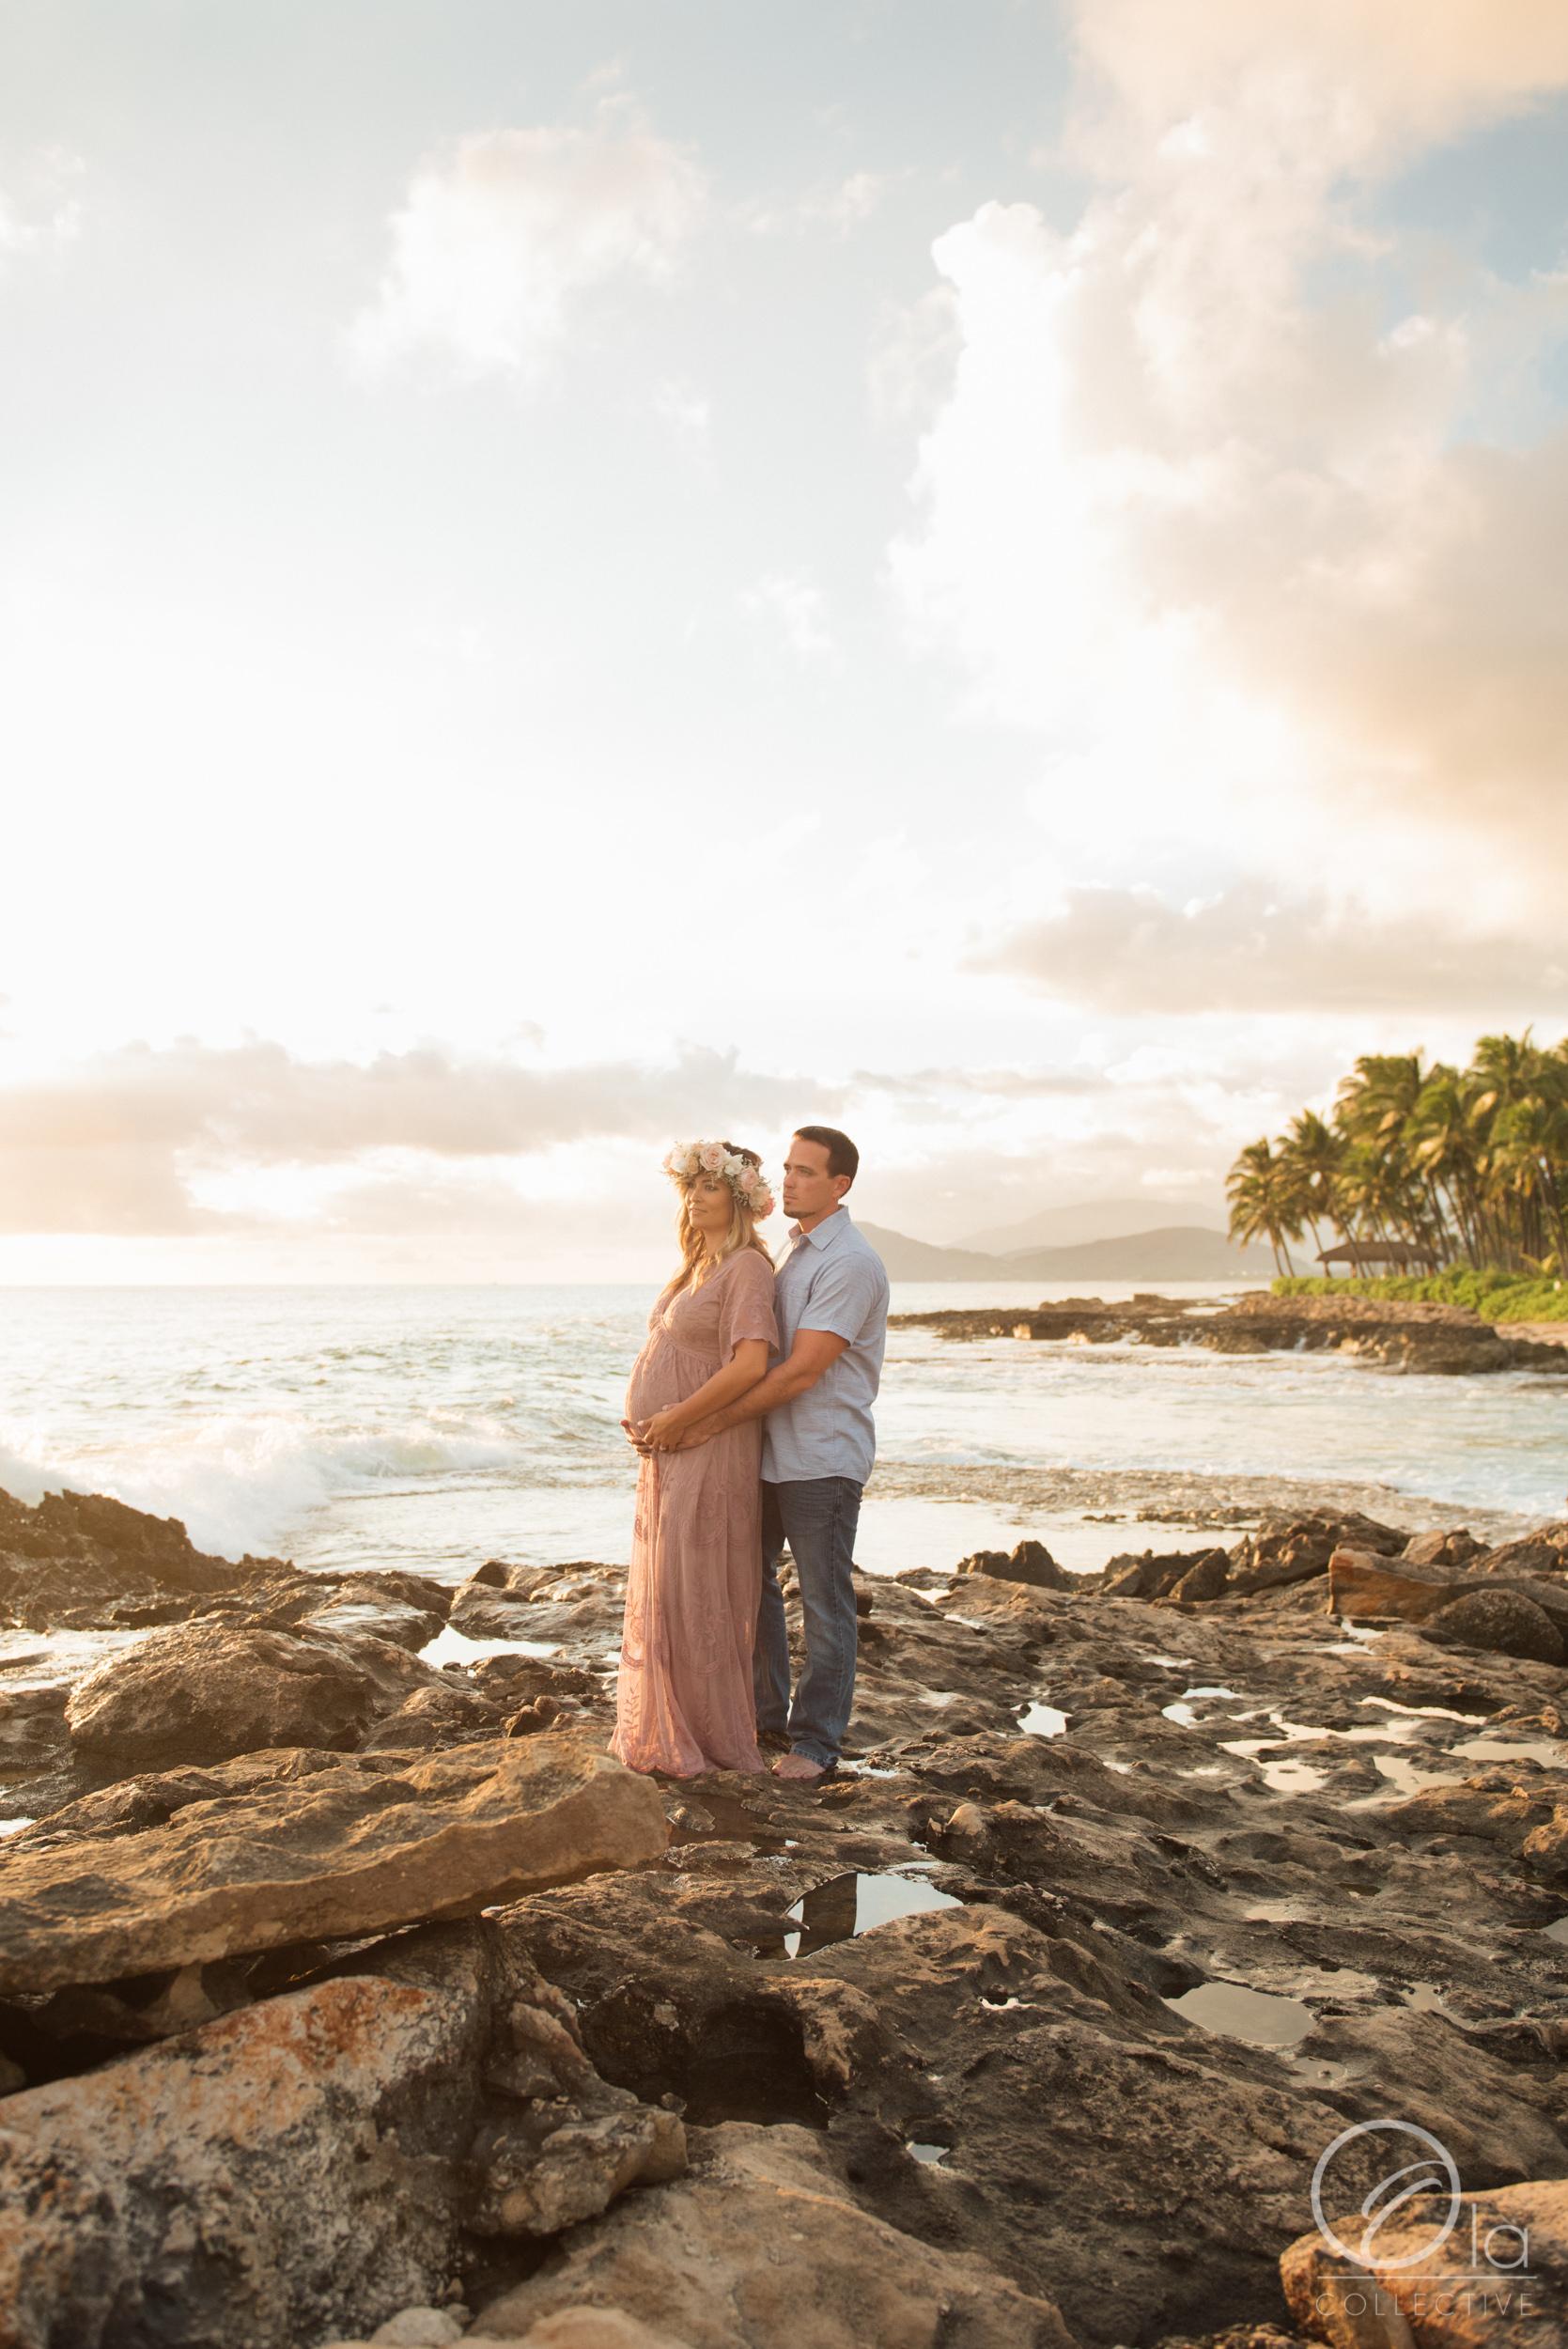 Four-Seasons-Oahu-Maternity-Photographer-Ola-Collective-2.jpg